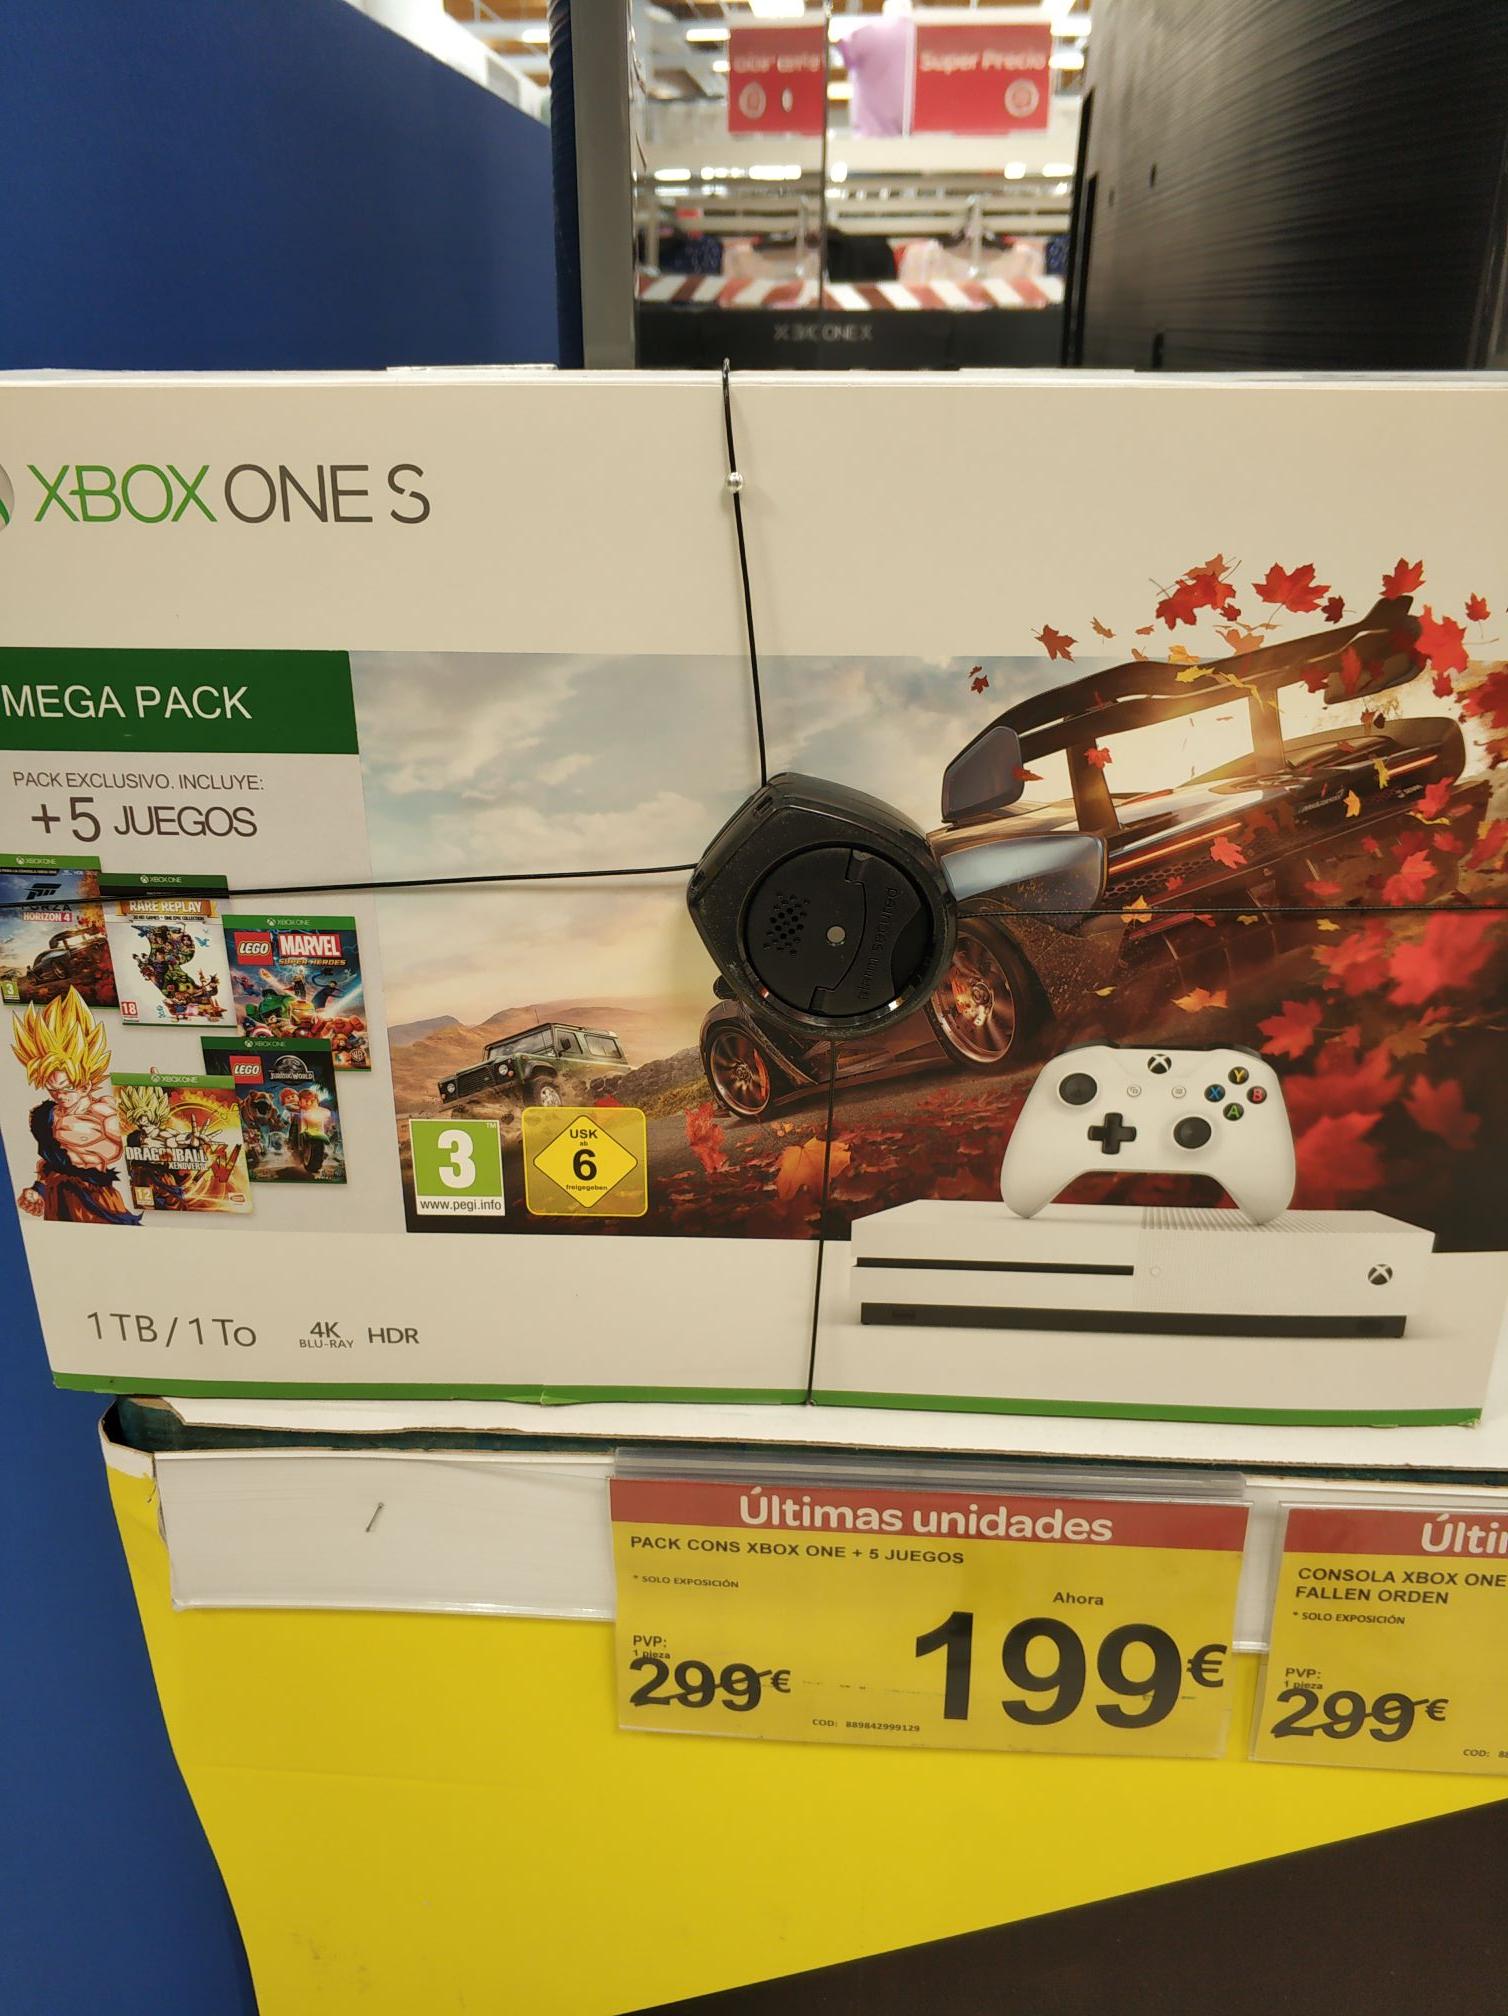 Xbox one S + 5 juegos